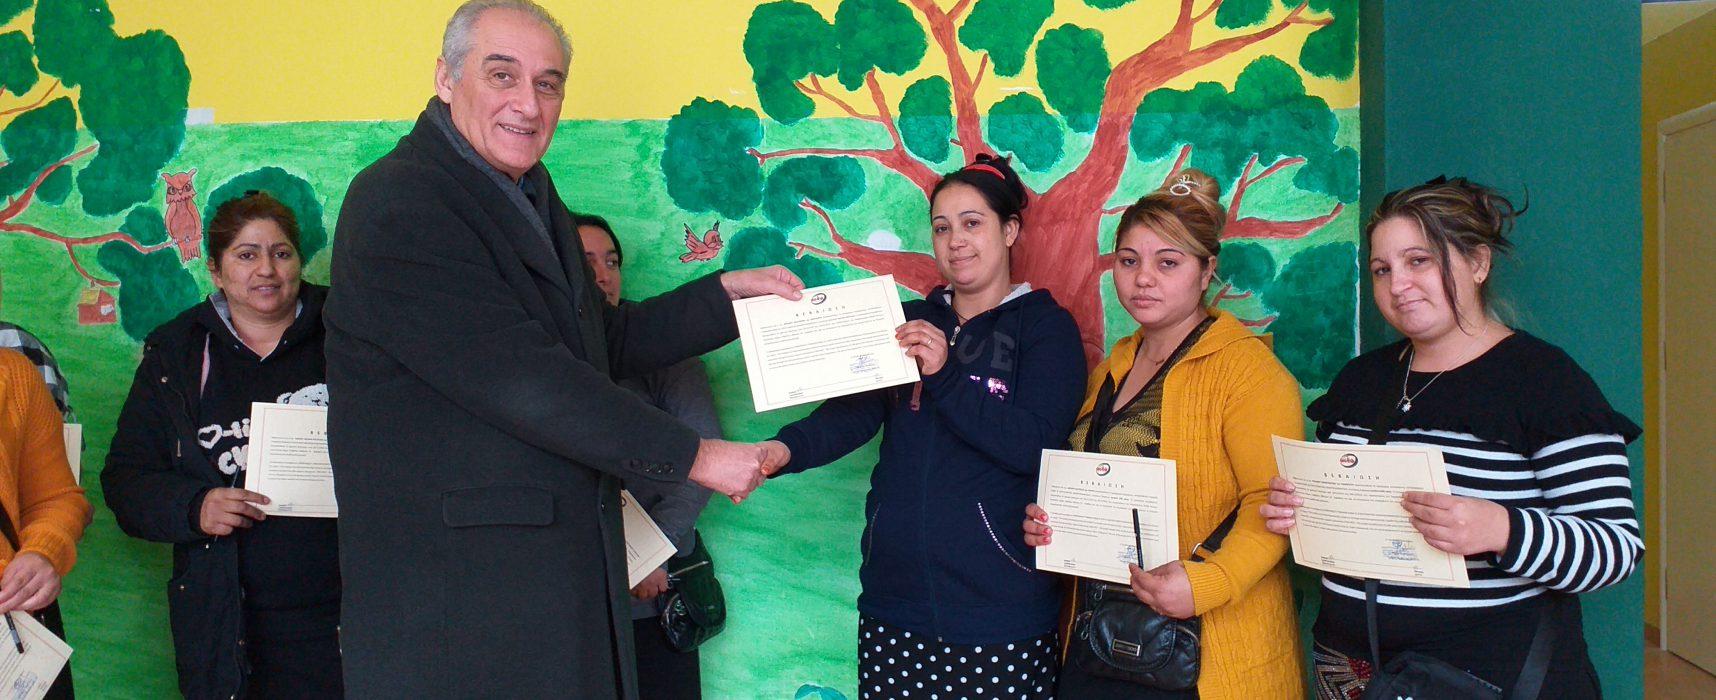 Απονομή βεβαιώσεων τμήματος Αισθητικής  στο Παράρτημα Ρομά του ΚΚ του Δήμου Σοφάδων